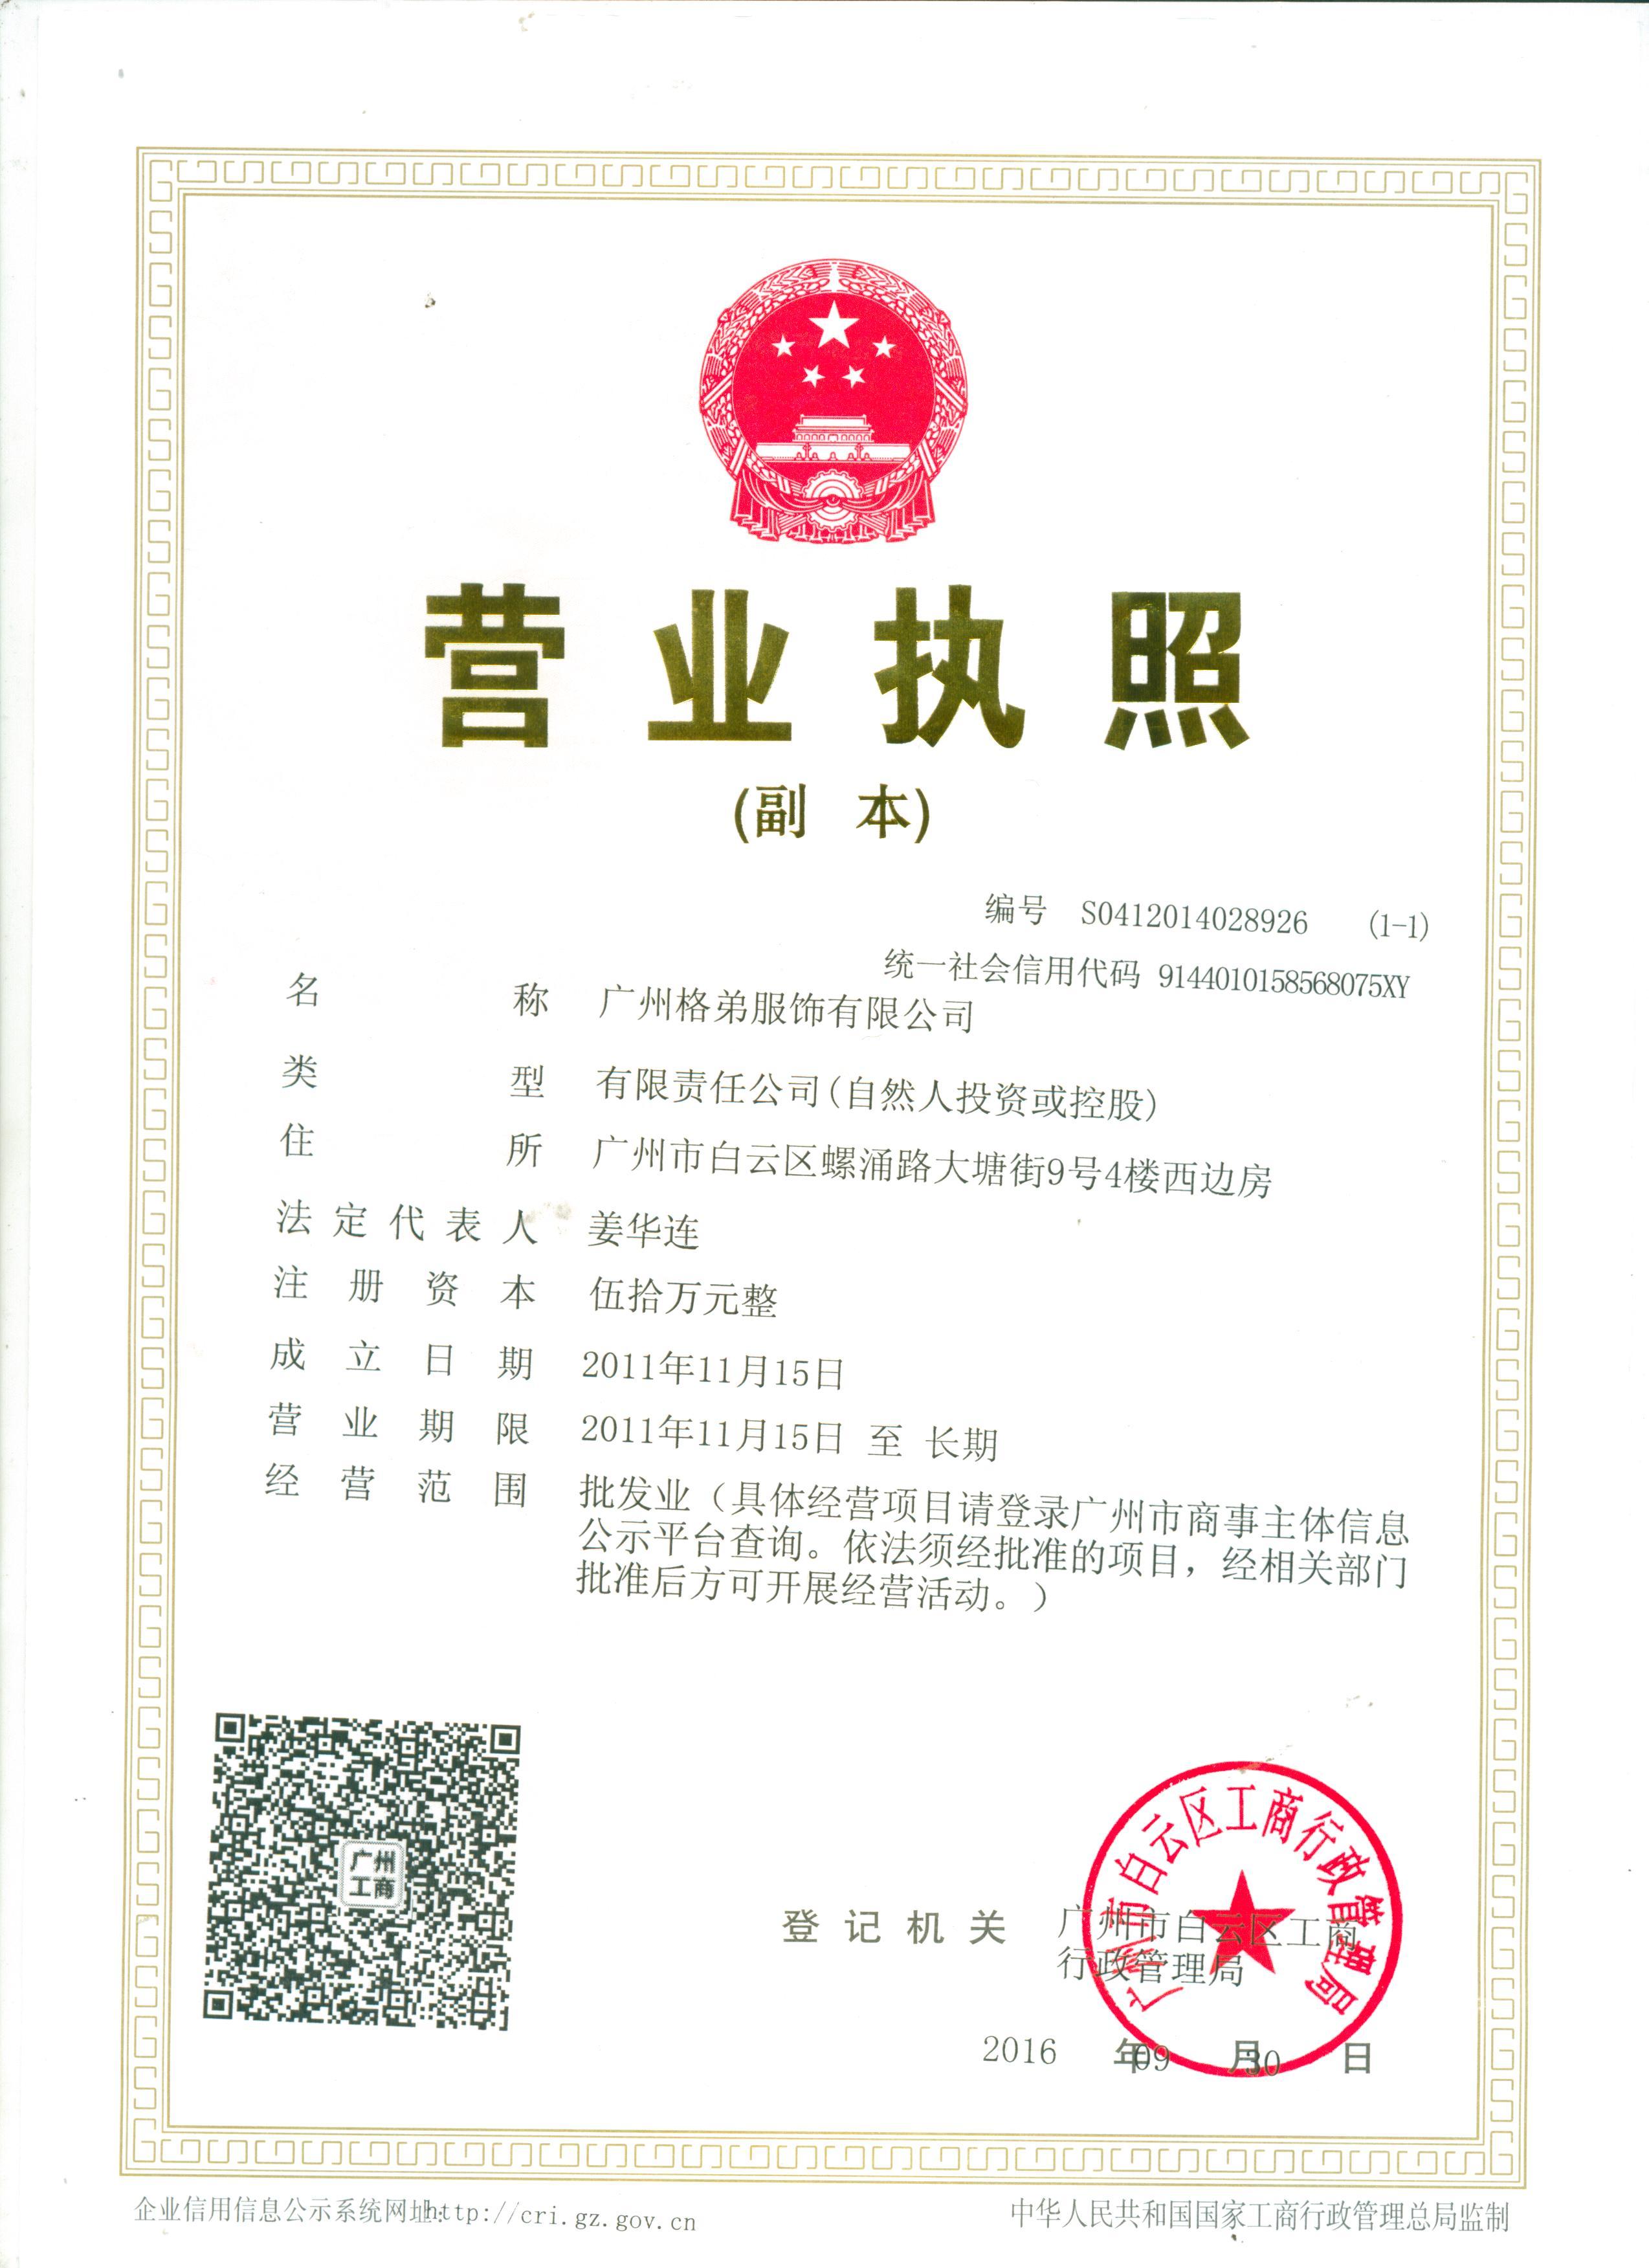 广州格弟服饰有限公司企业档案